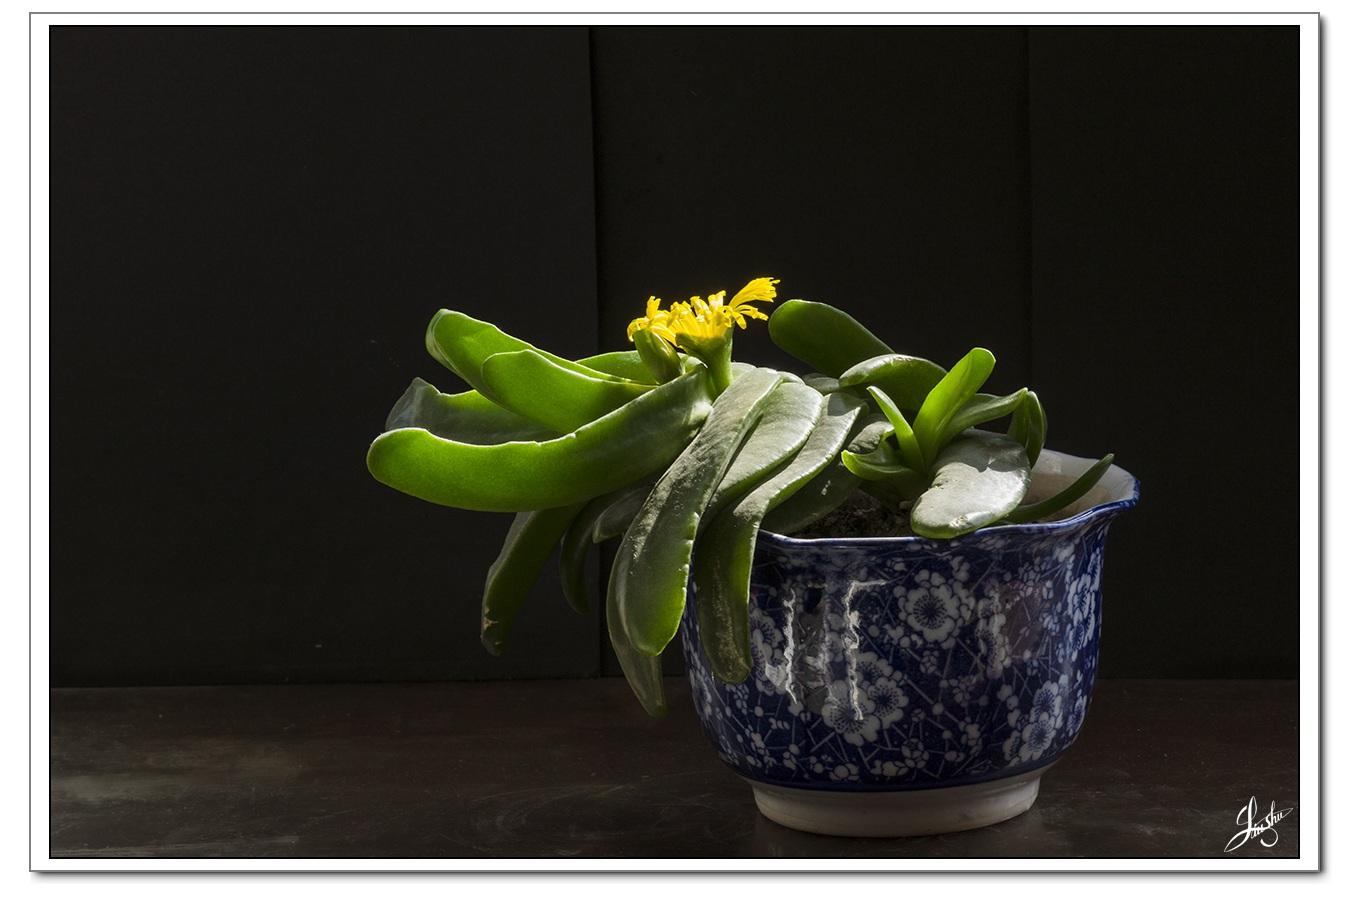 沐影桃泽_园林常用花卉植物采集(第16集) - 数码相机